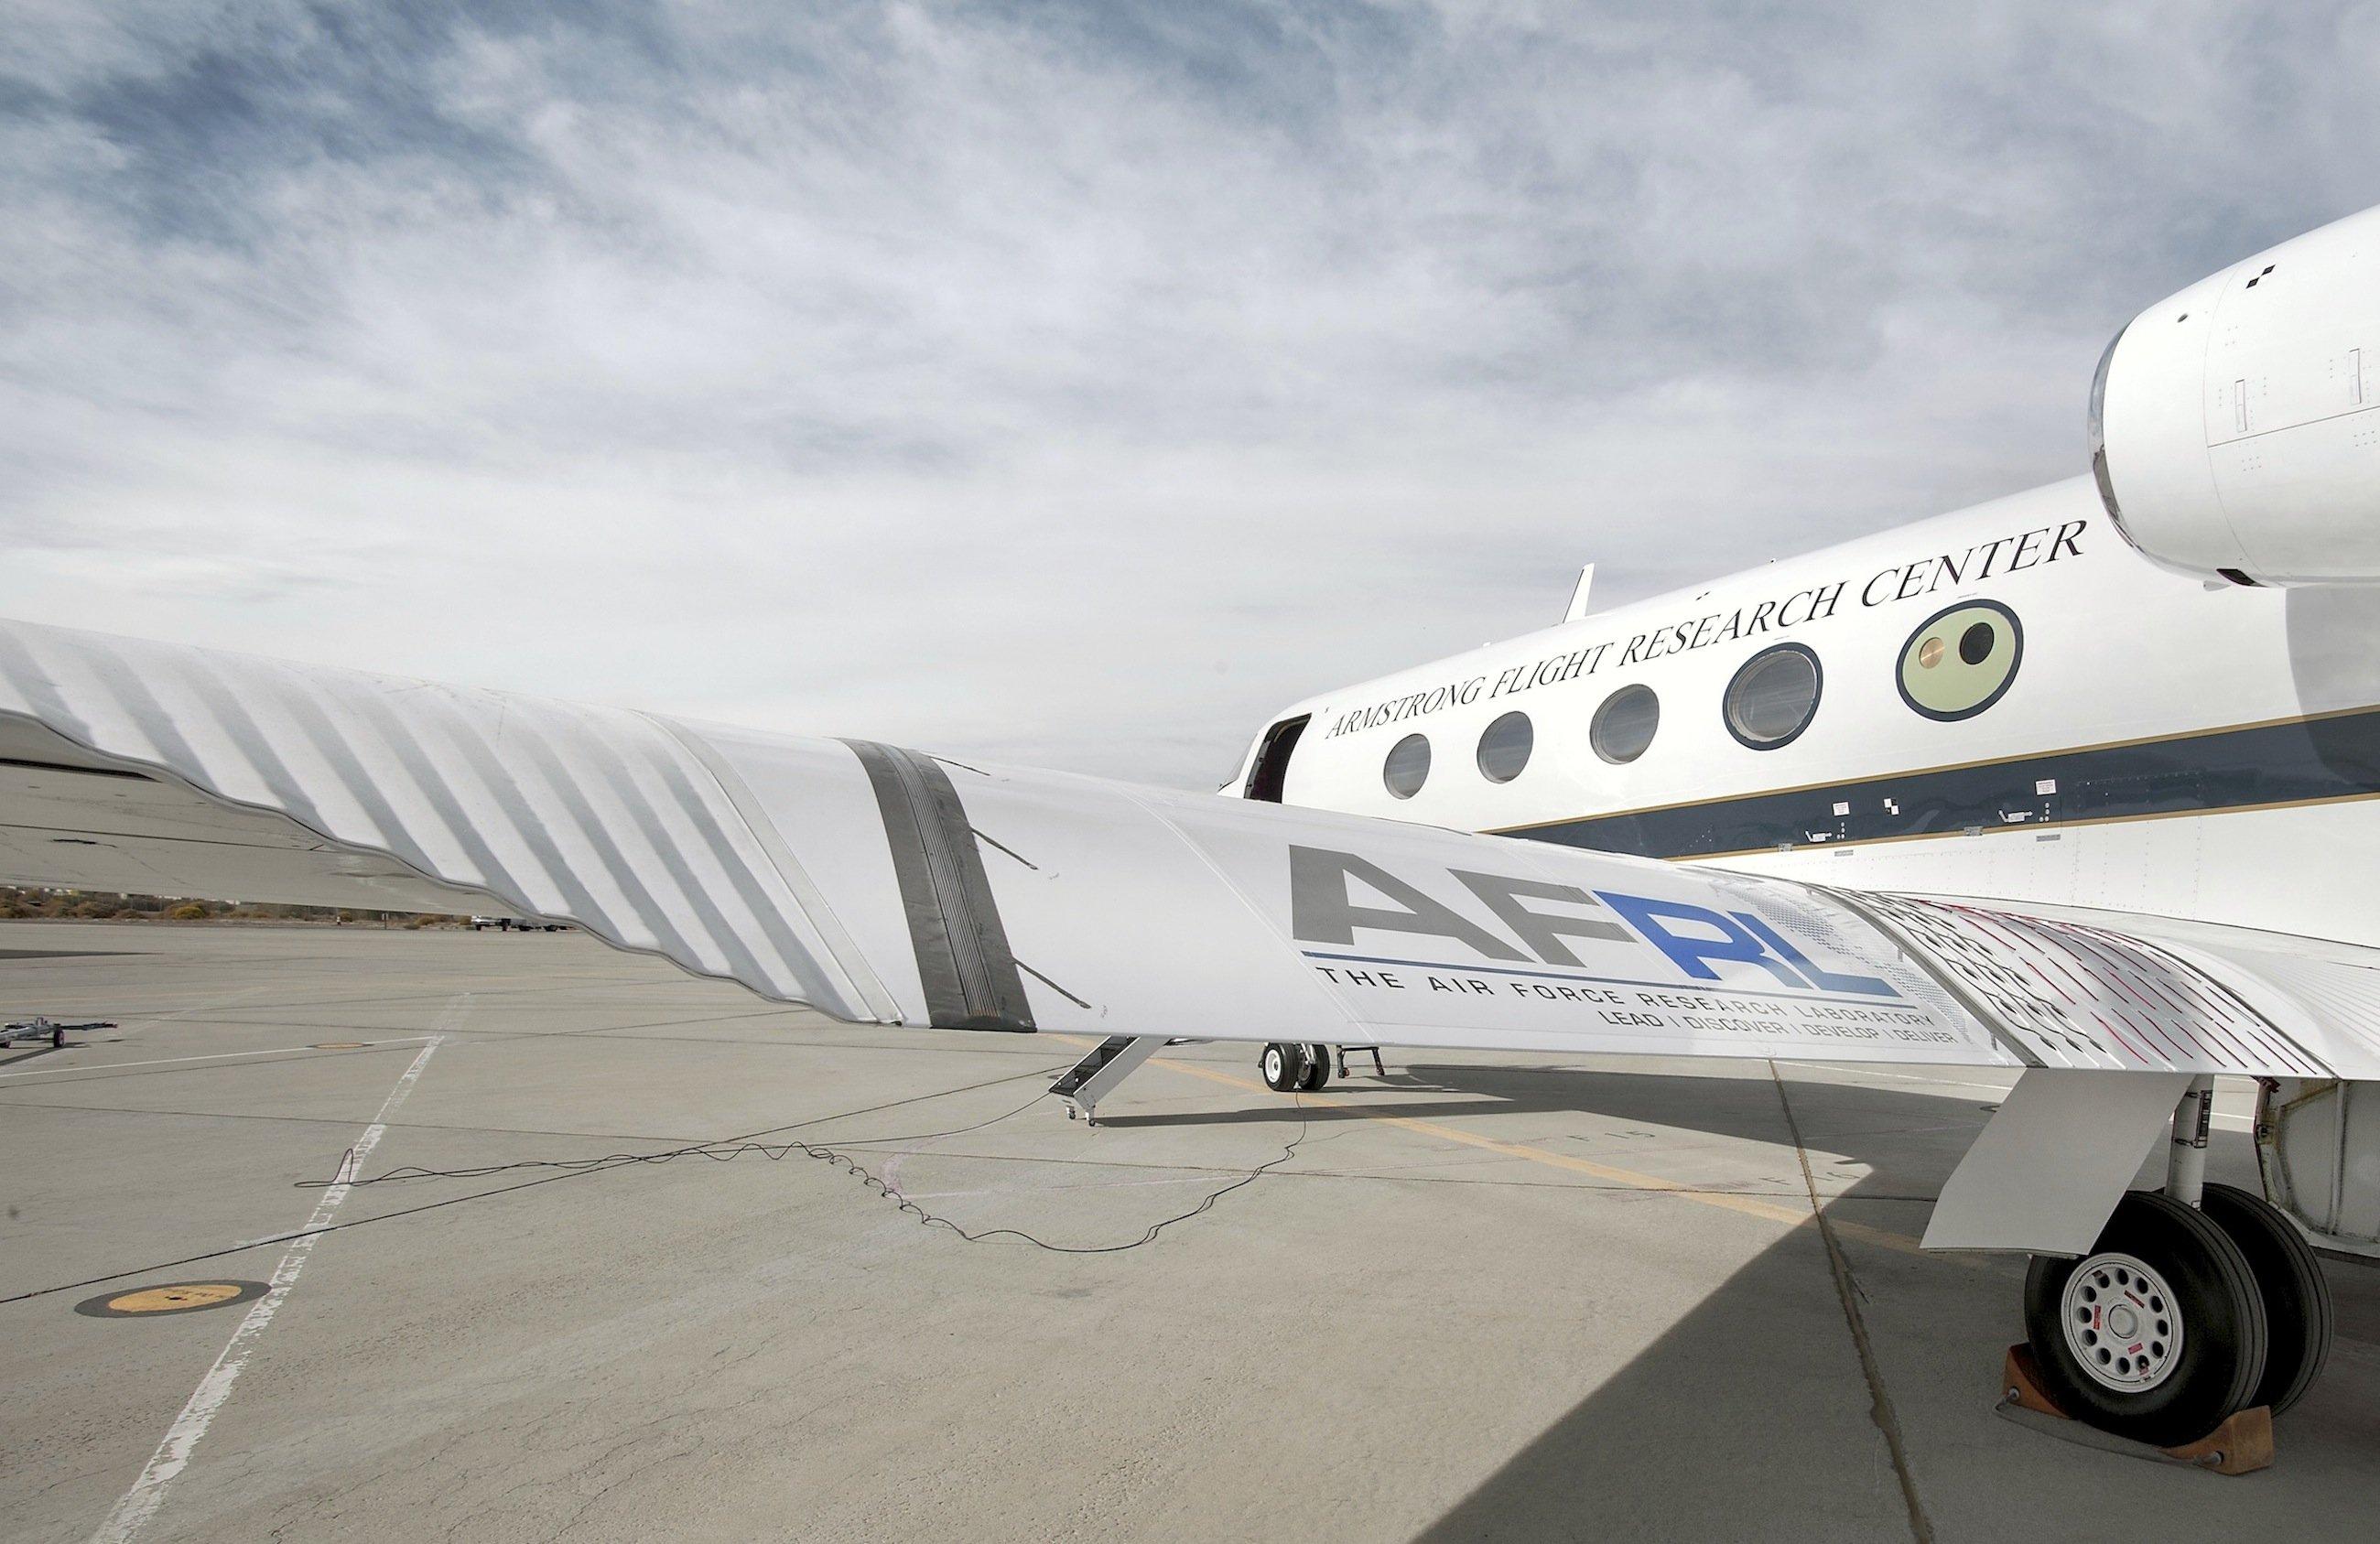 Eine Gulfstream III hat die Nasa mit flexiblen Hinterkanten an den Tragflächen ausgestattet. Deutlich zu sehen sind links und rechts die flexiblen Fächer, die es der dazwischen liegenden Kante ermöglichen, auf und ab zu schwenken, ohne das Kanten entstehen.